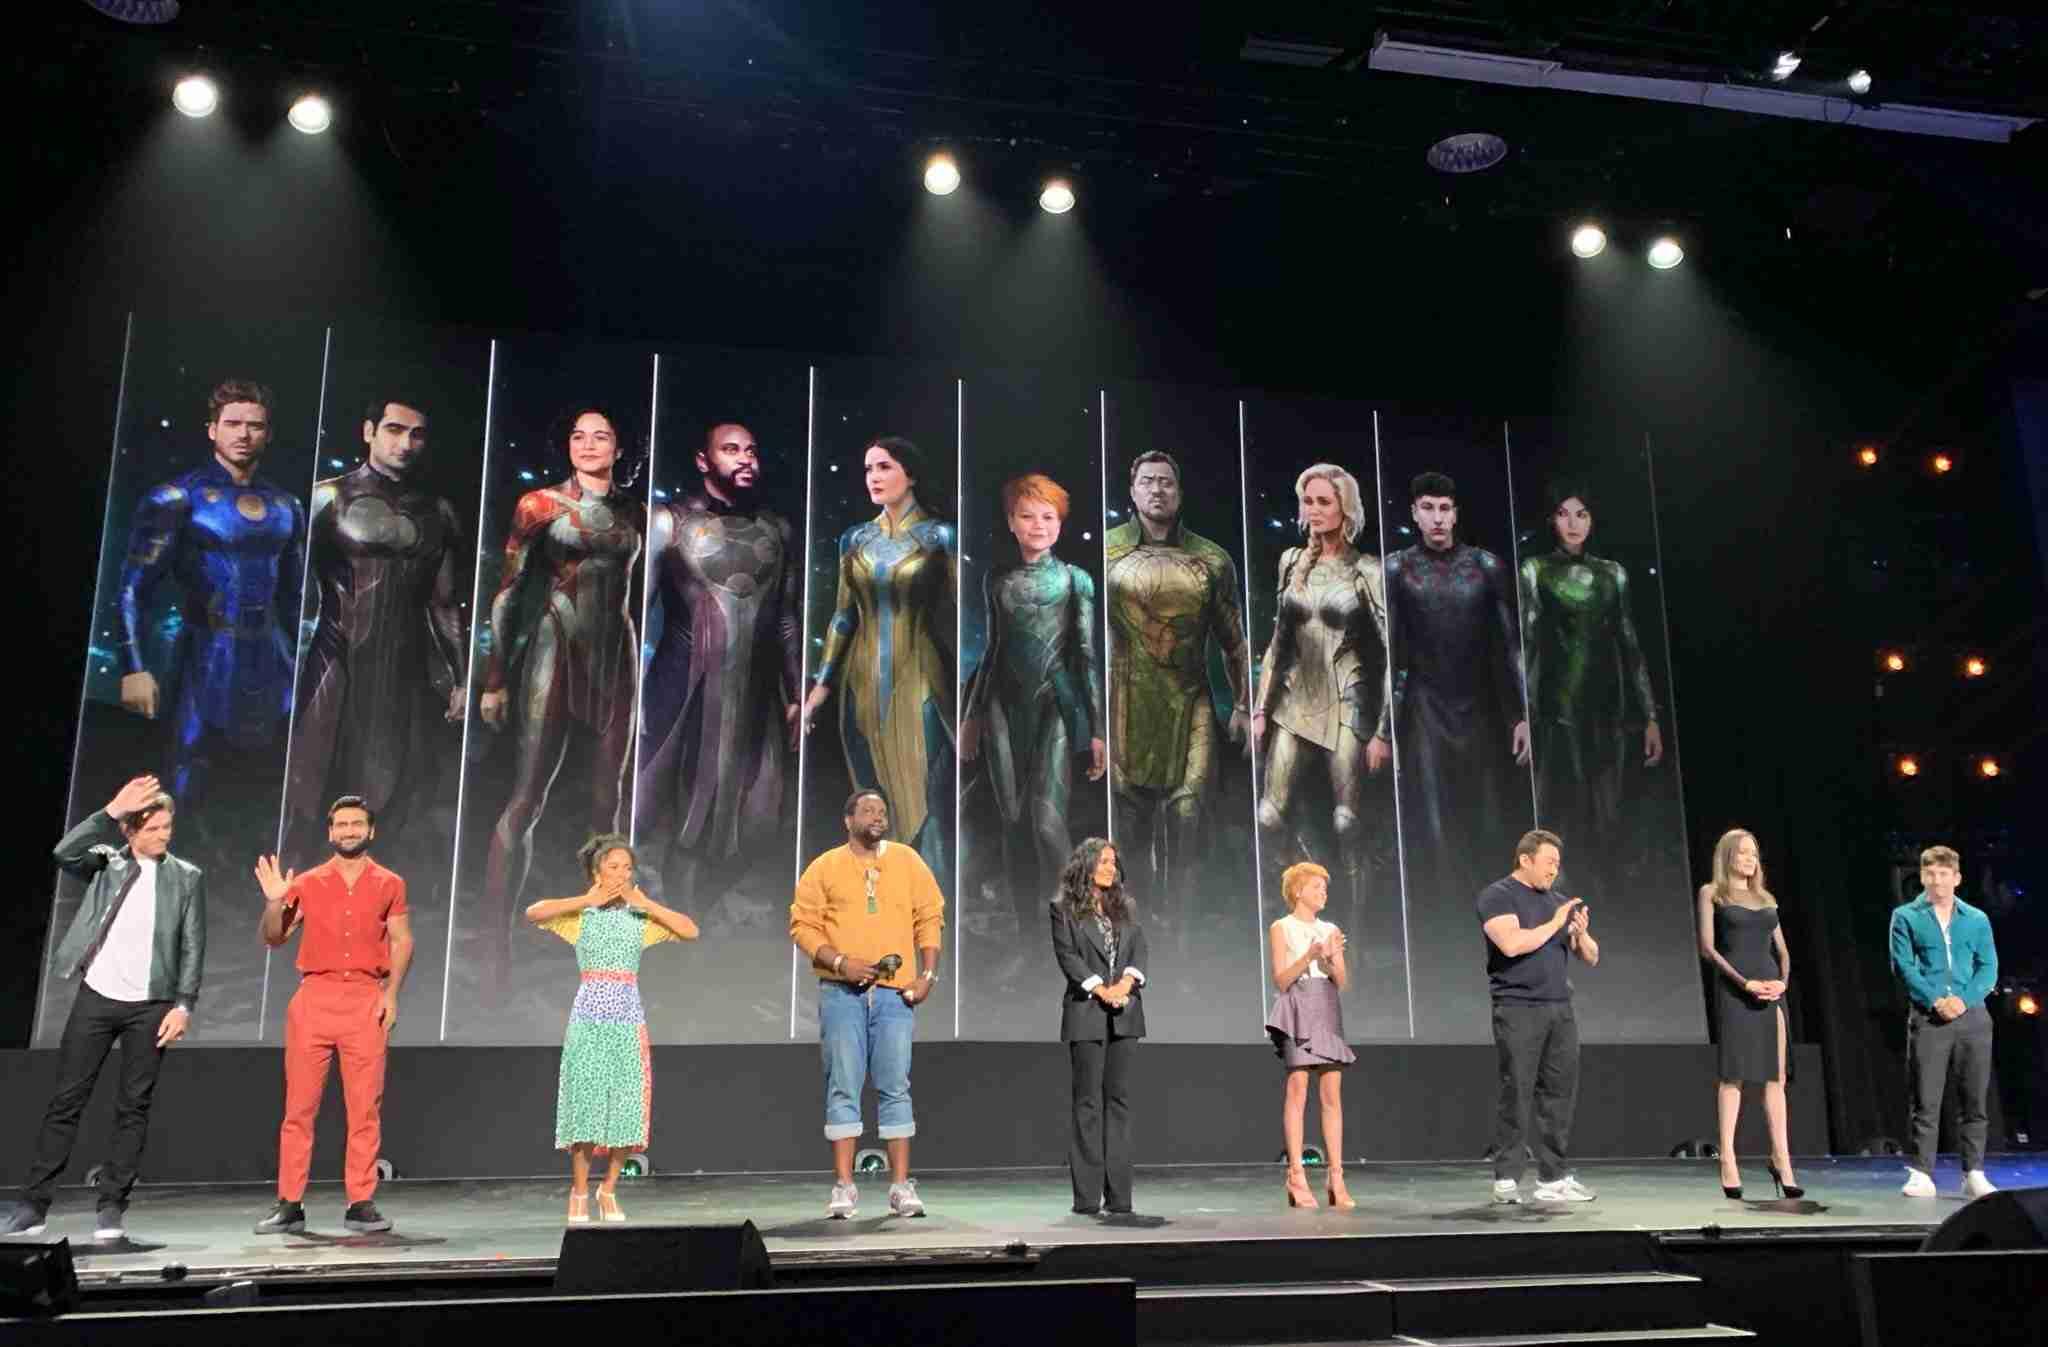 The-Eternals-Cast-First-Look-D23-Expo.jpg